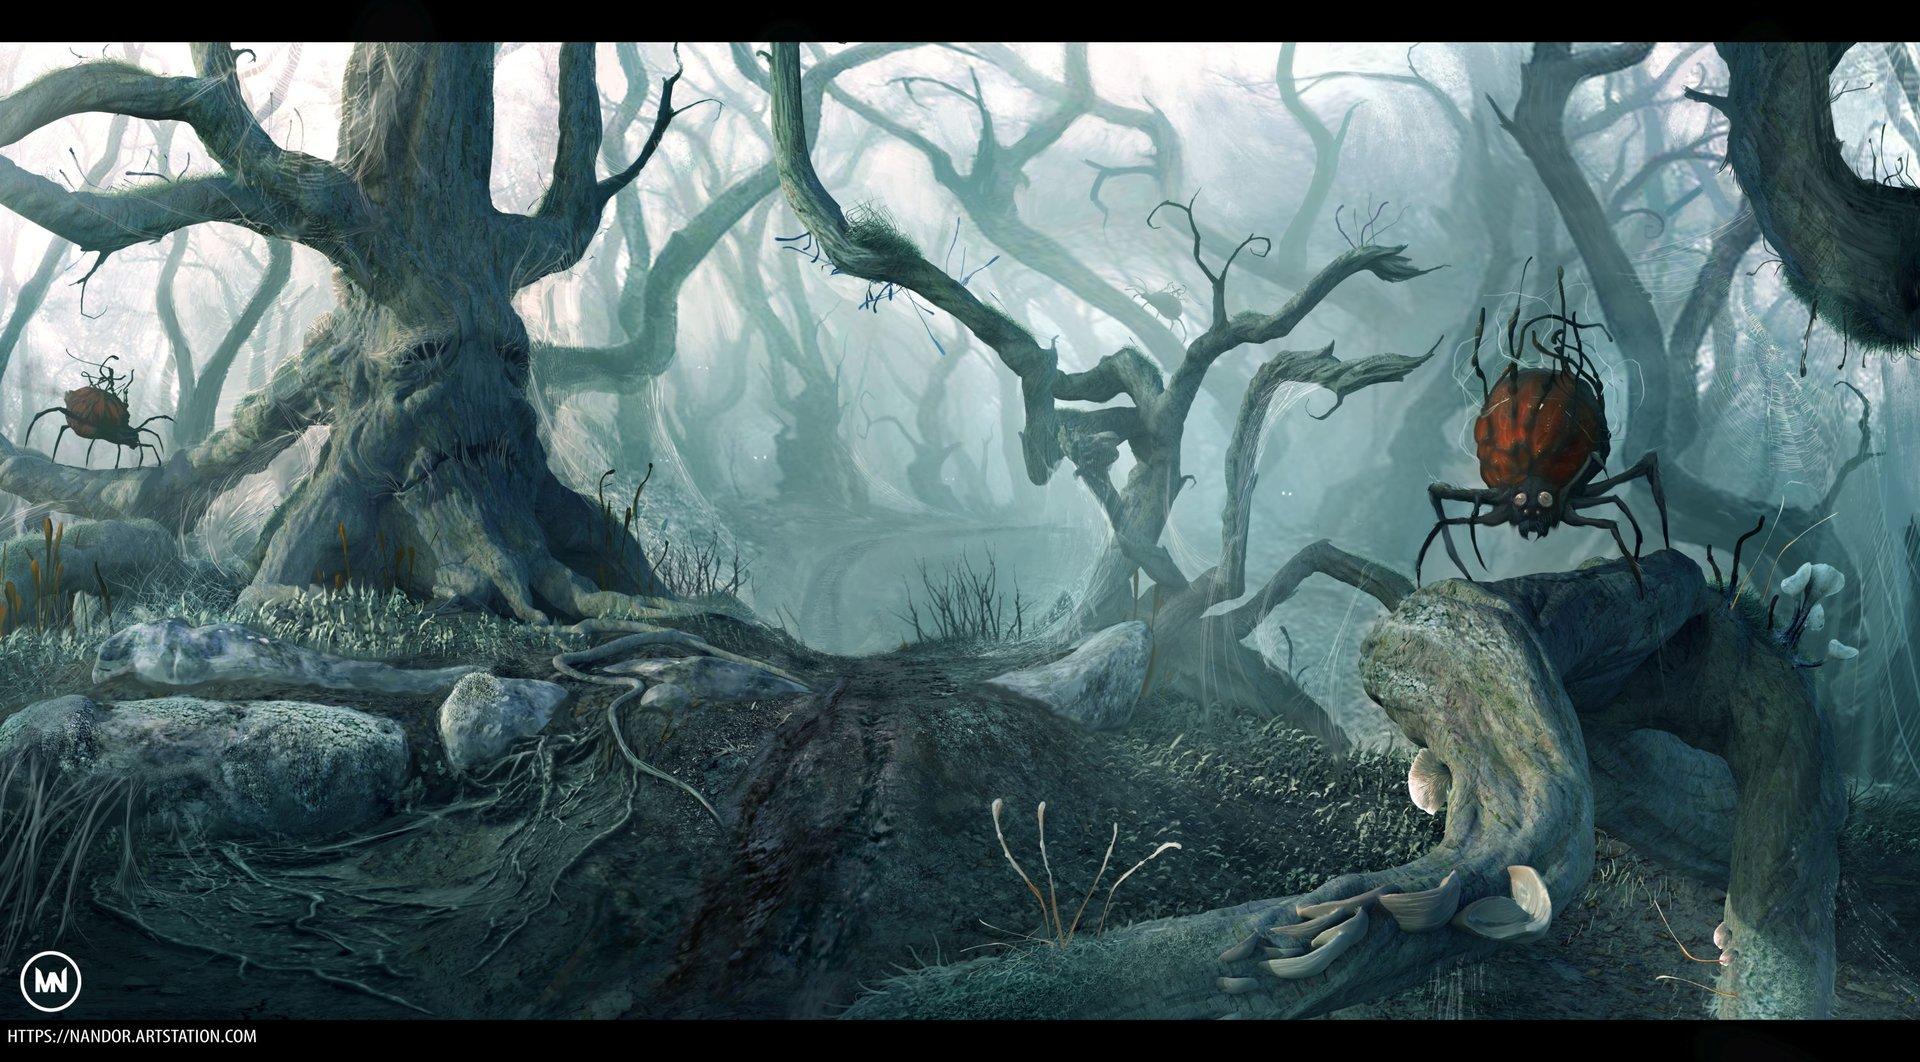 Nandor moldovan final forestt2